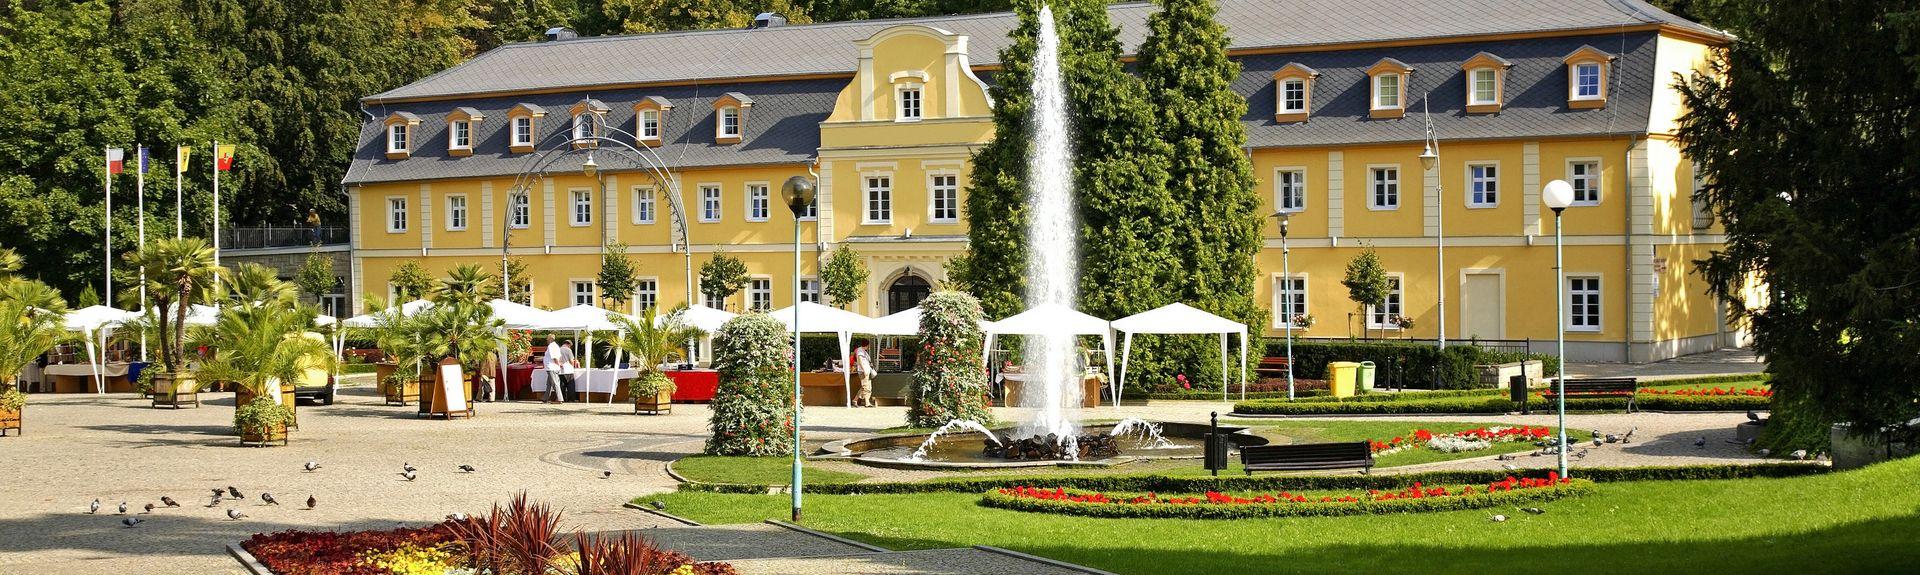 Kudowa Zdroj, Woiwodschaft Niederschlesien, Polen